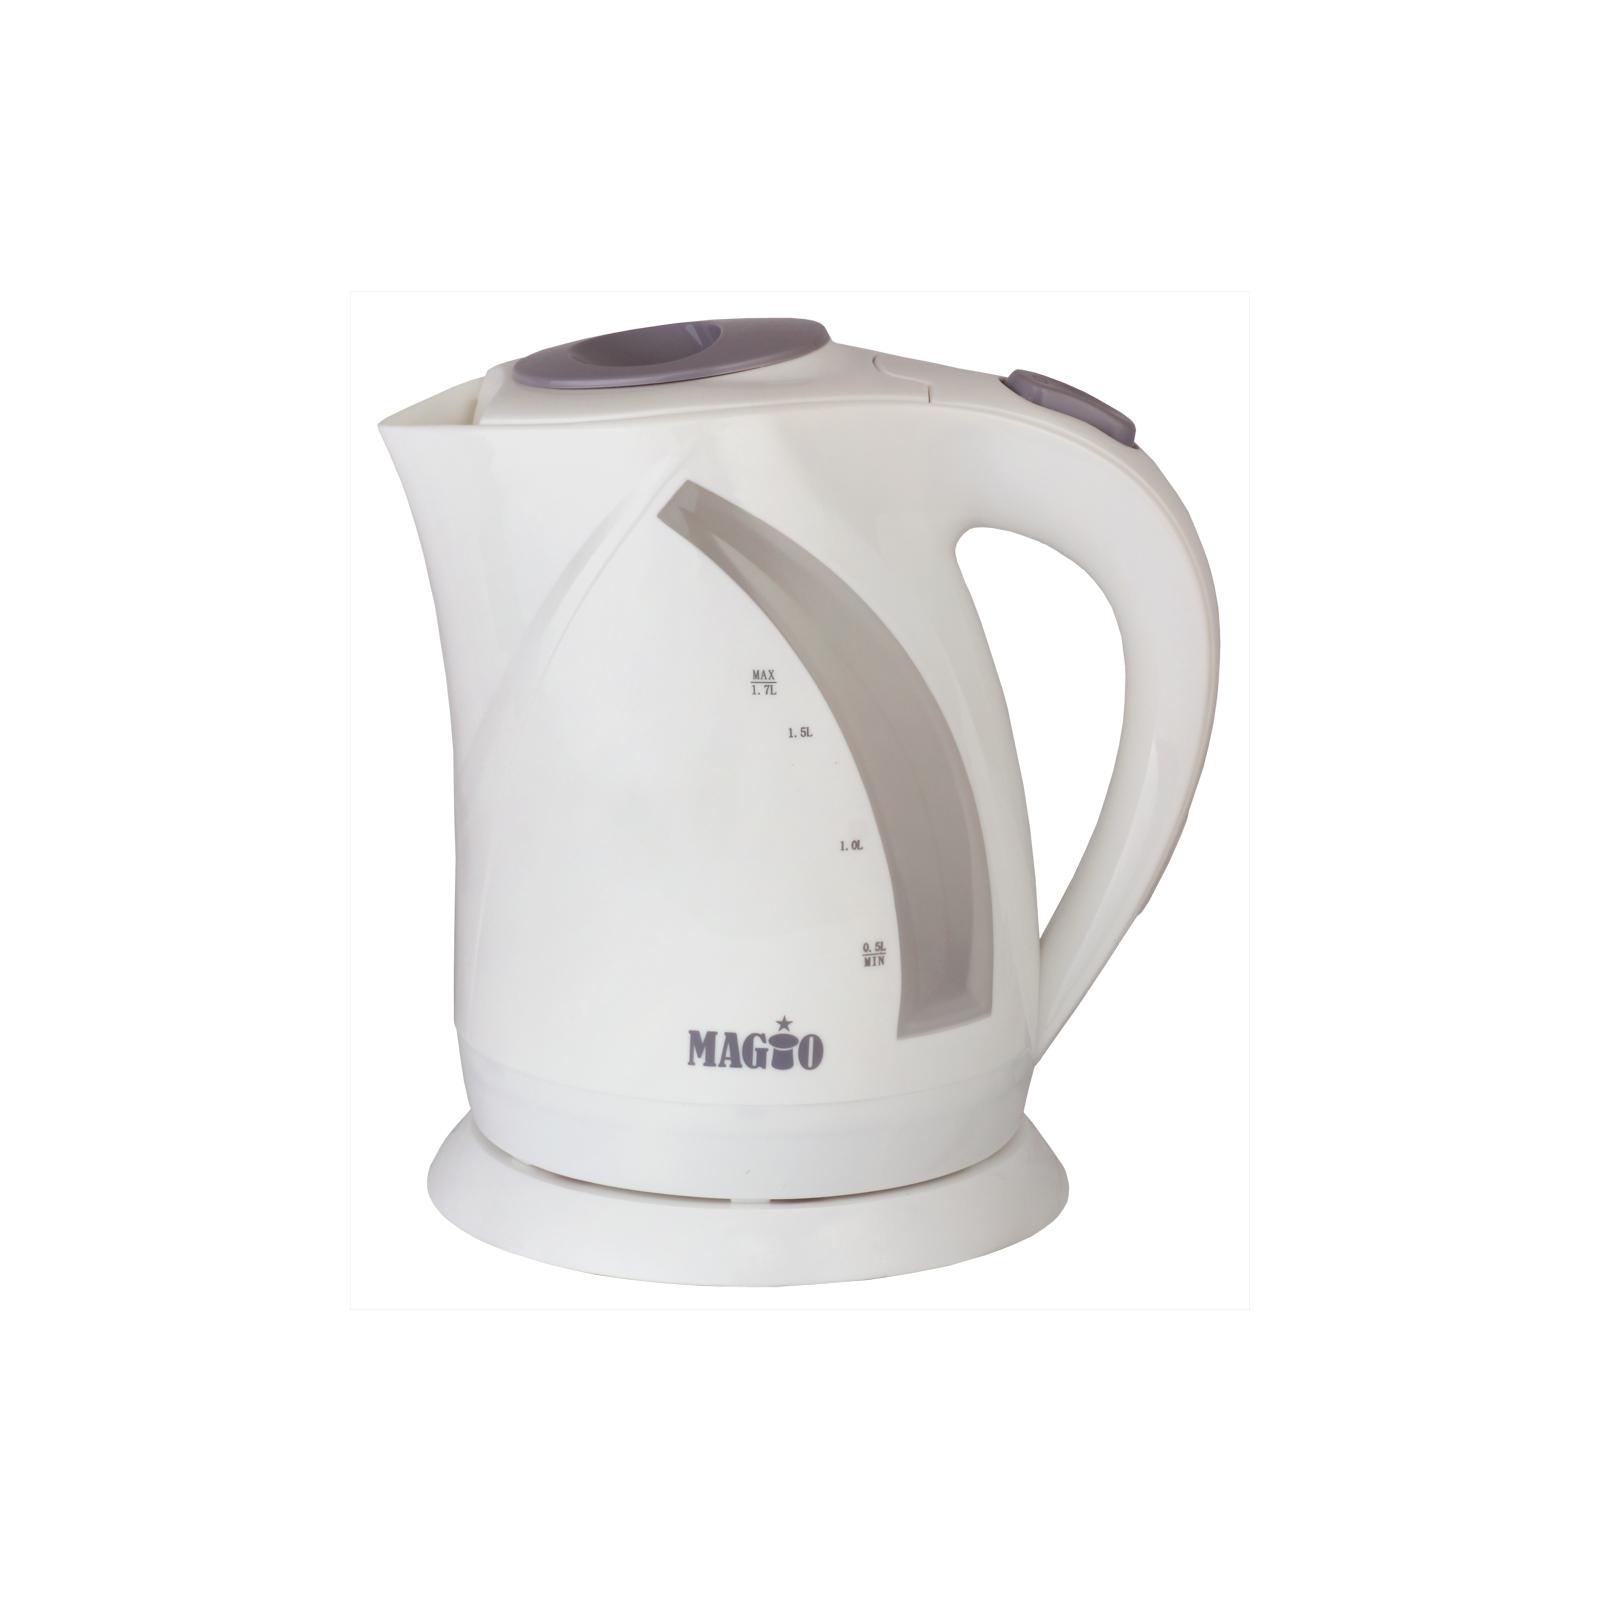 Электрочайник Magio MG-102